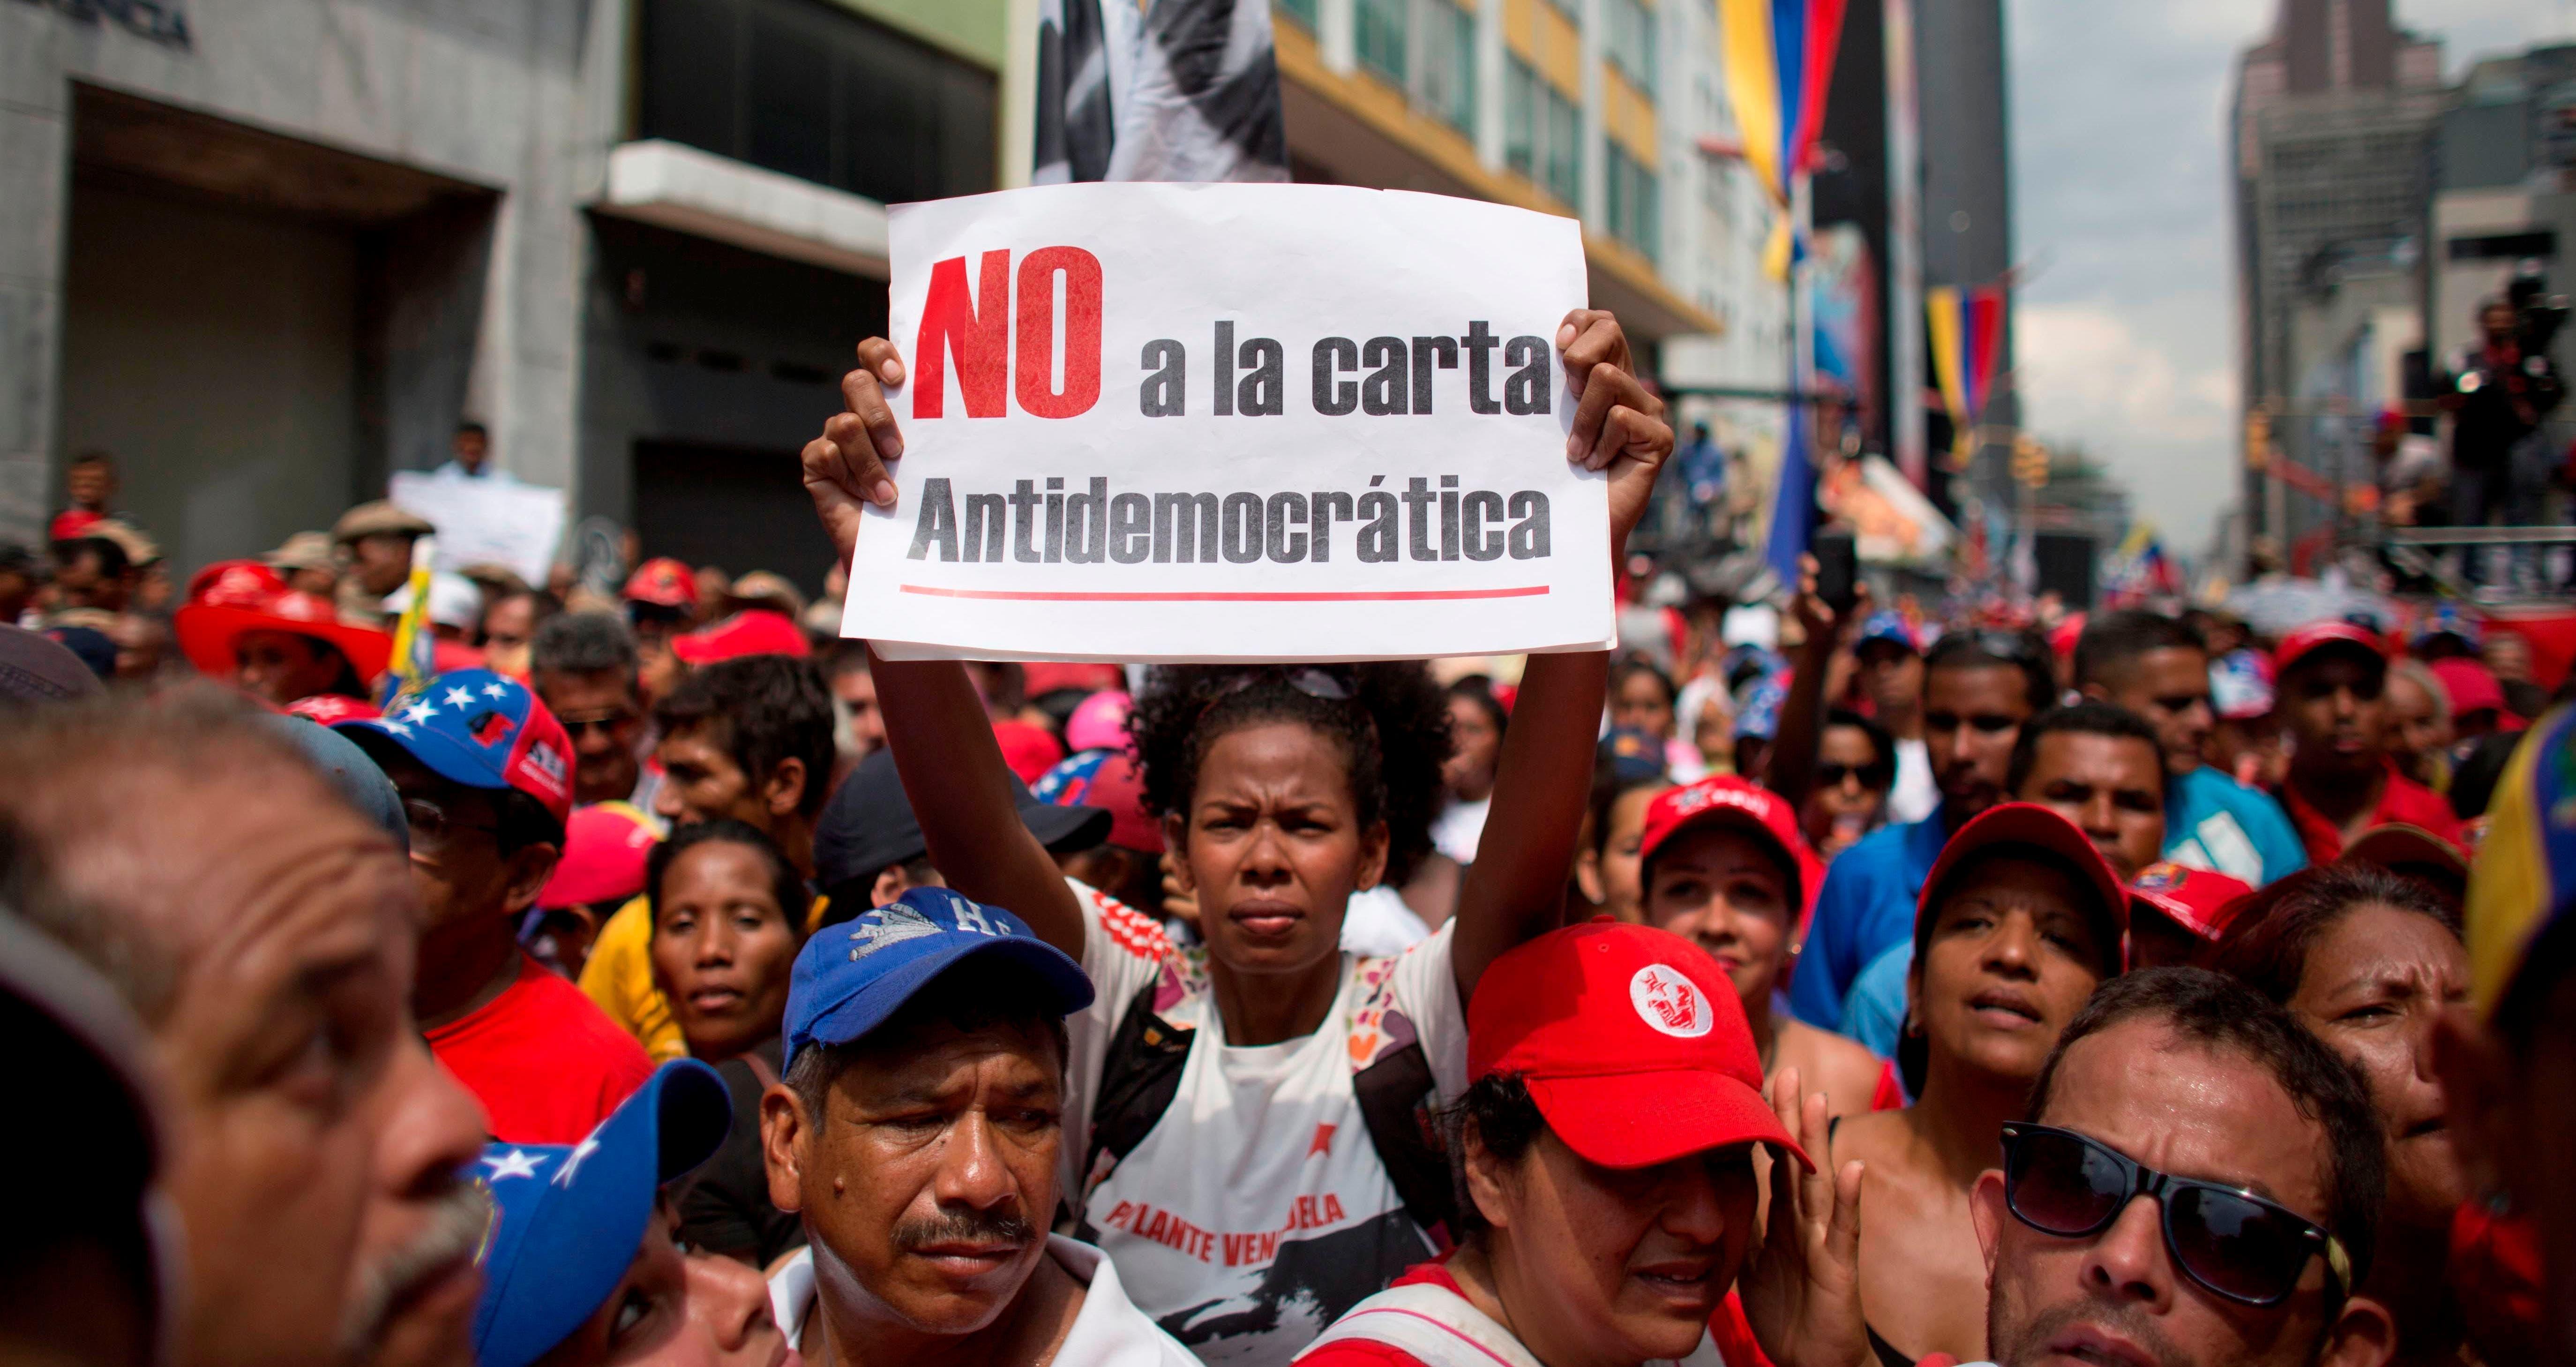 Una mujer sostiene un letrero durante una marcha en rechazo a las posibles sanciones que podría aplicar la OEA al gobierno del presidente Nicolás Maduro en Caracas, Venezuela, el martes 28 de marzo de 2017.